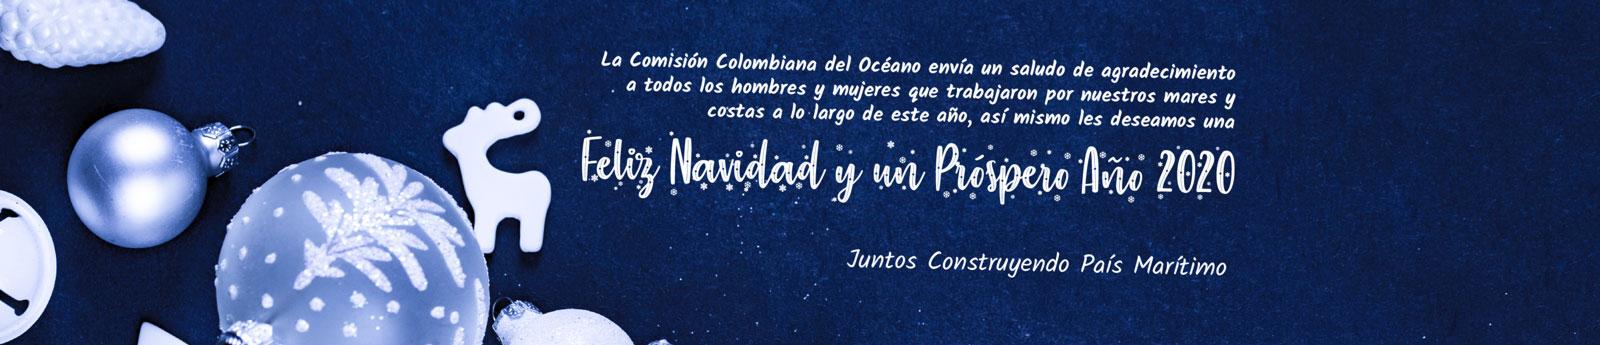 2019-12 Mensaje Navidad CCO 2019